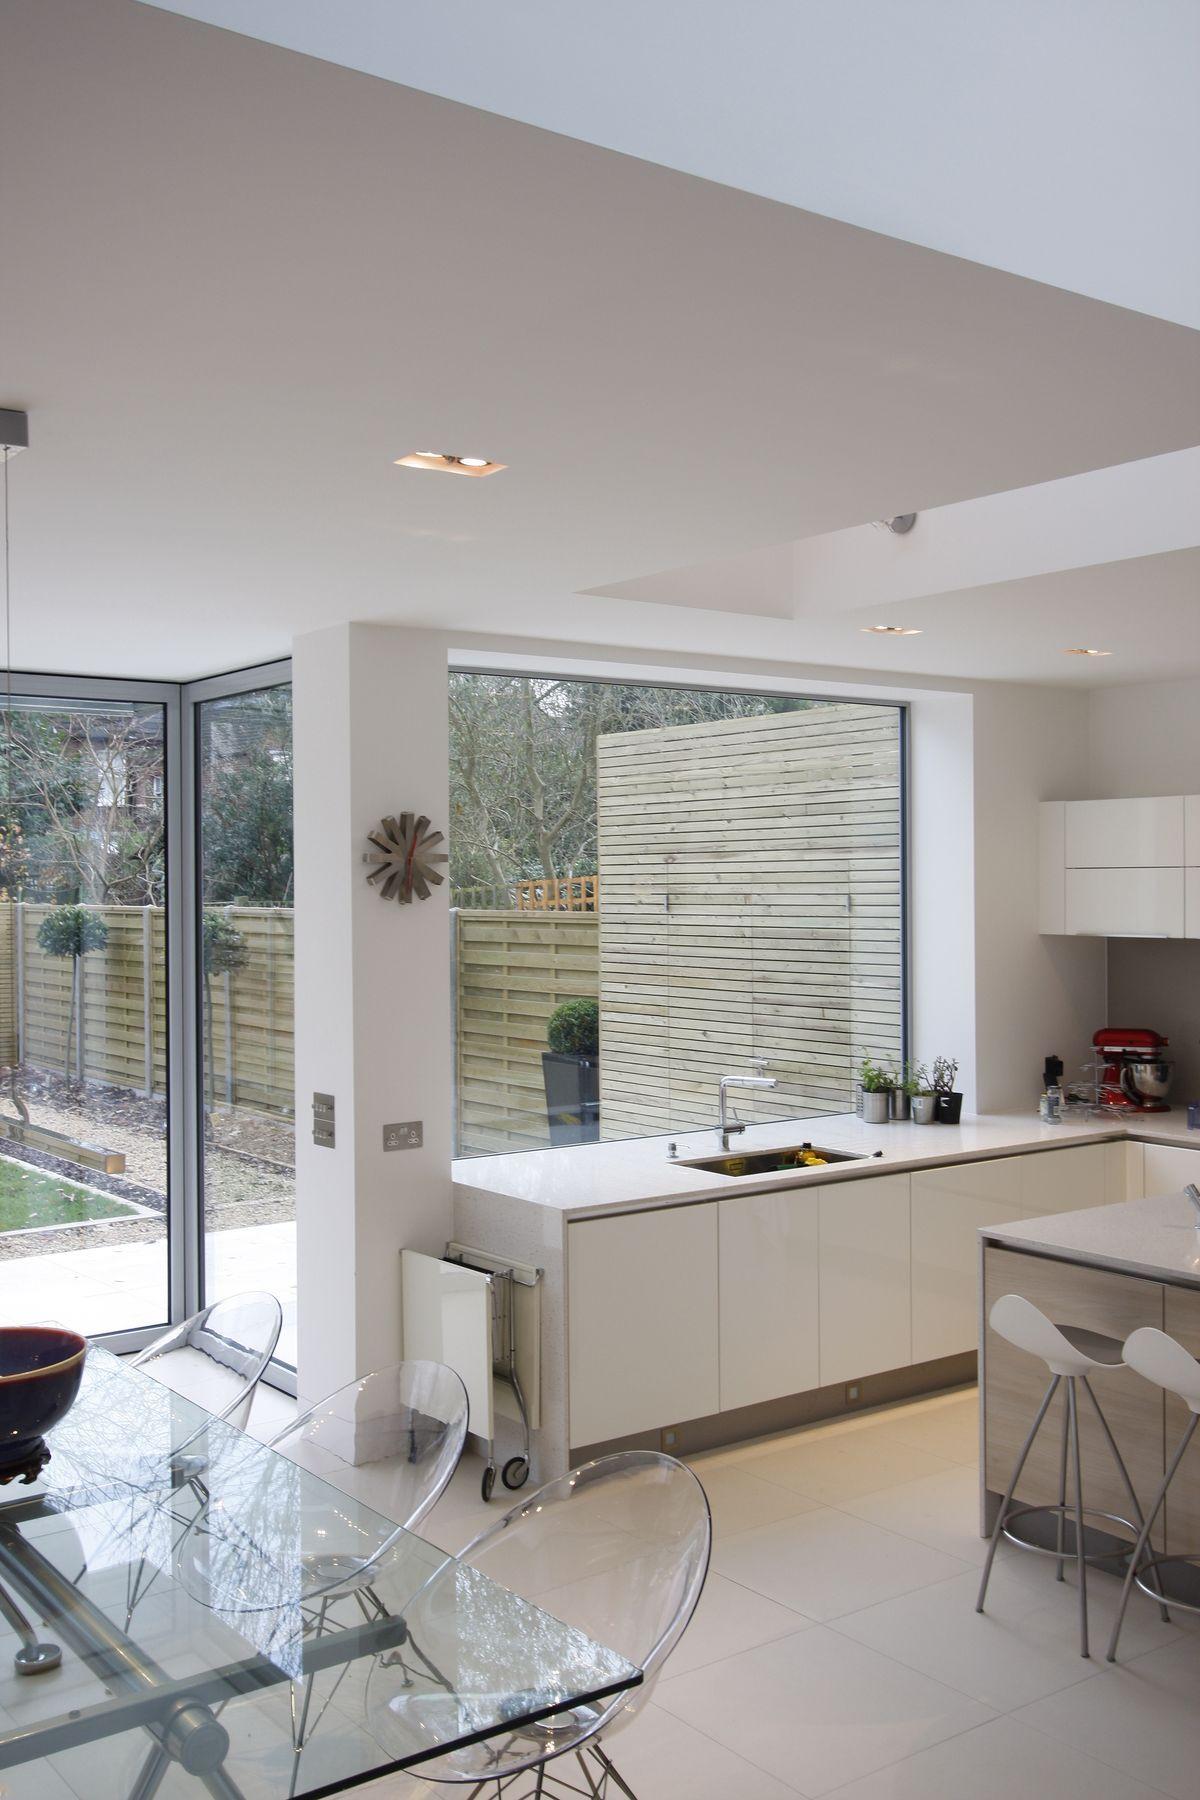 Küche Blick nach draußen | Küche - Kitchen | Pinterest | Fenster ...